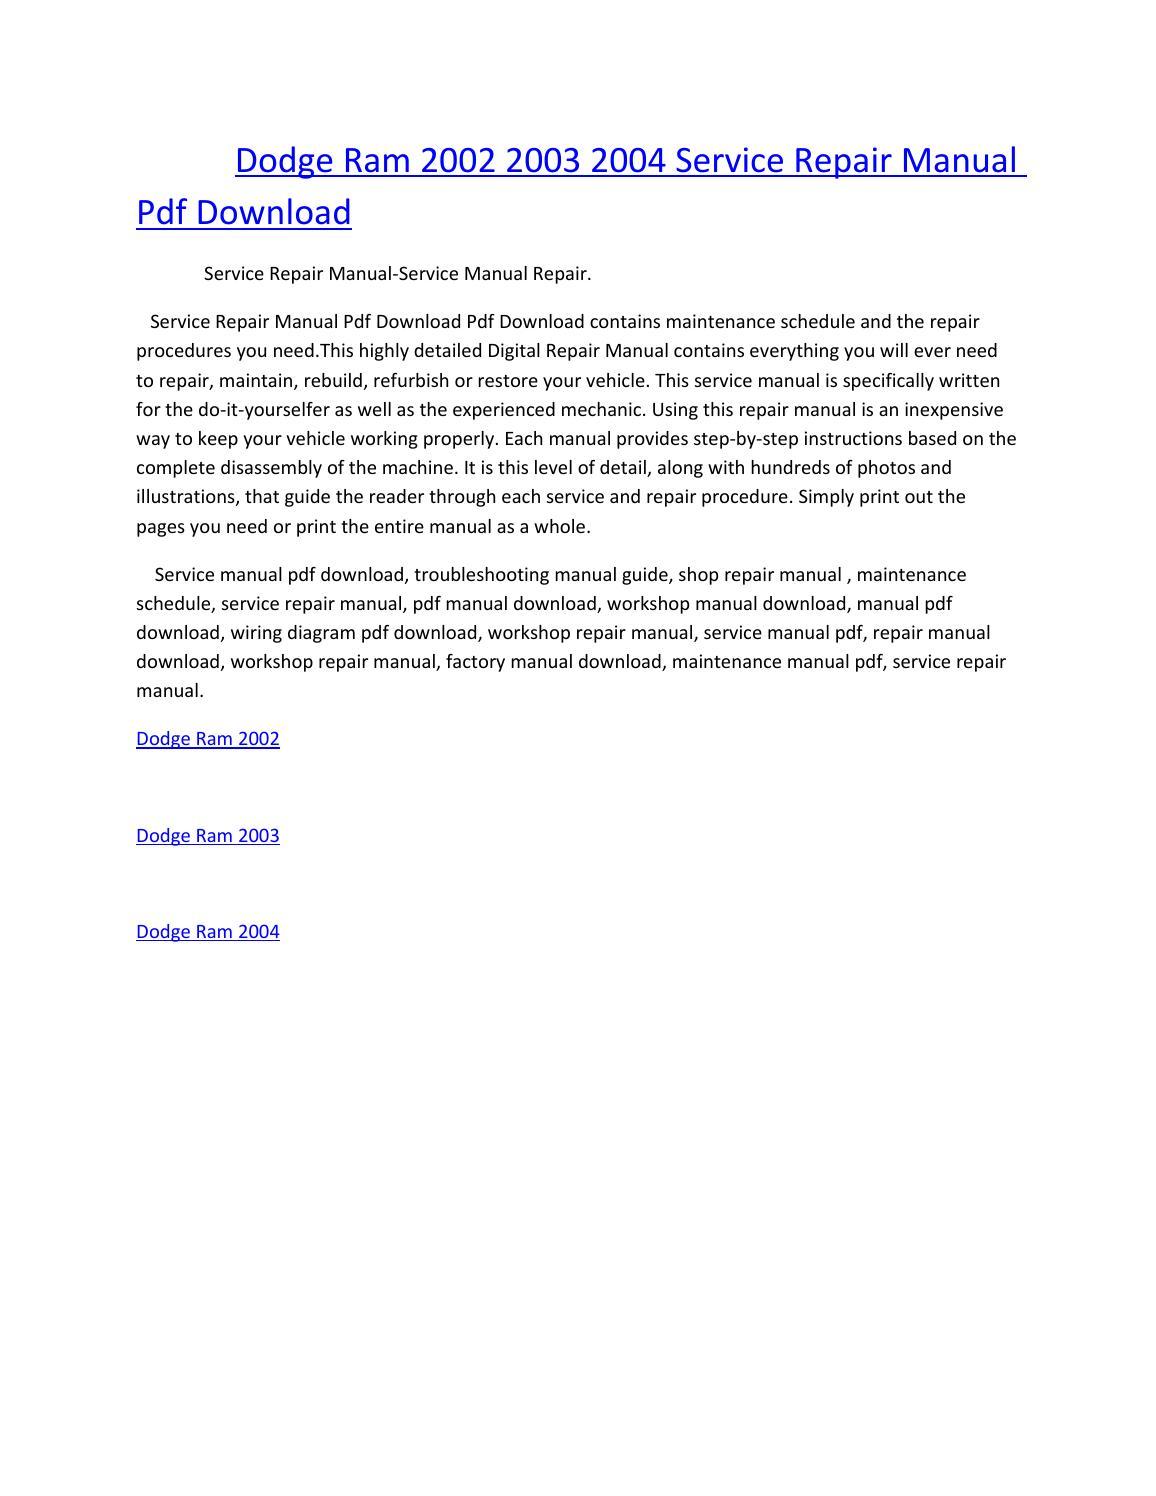 Dodge ram 2002 2003 2004 service manual repair pdf download by amurgului -  issuu